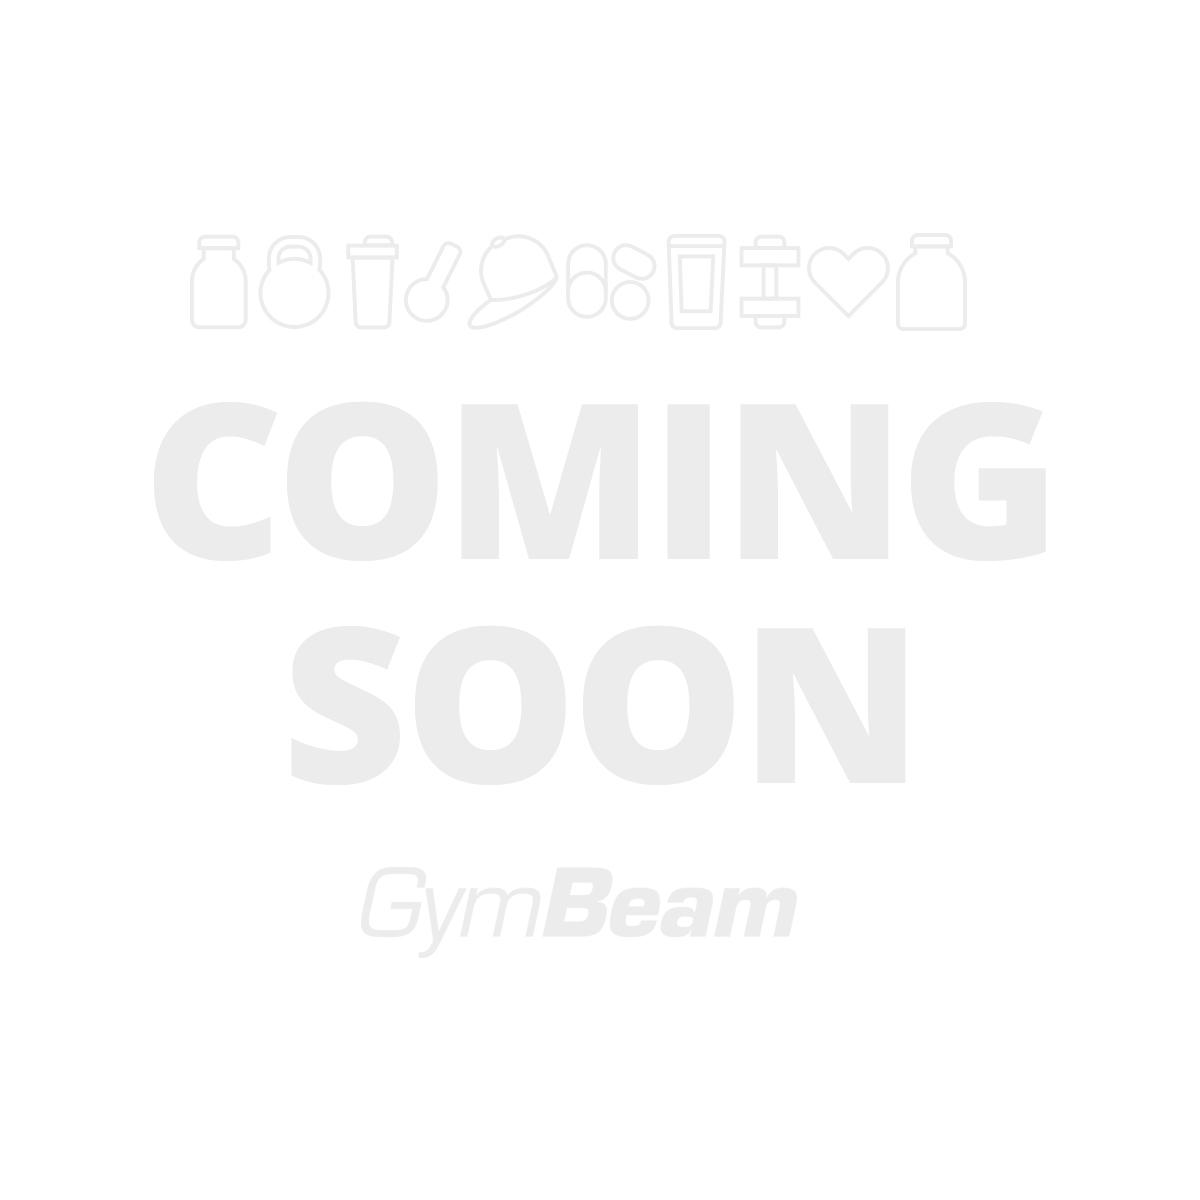 Fitness Gürtel Jay - GymBeam